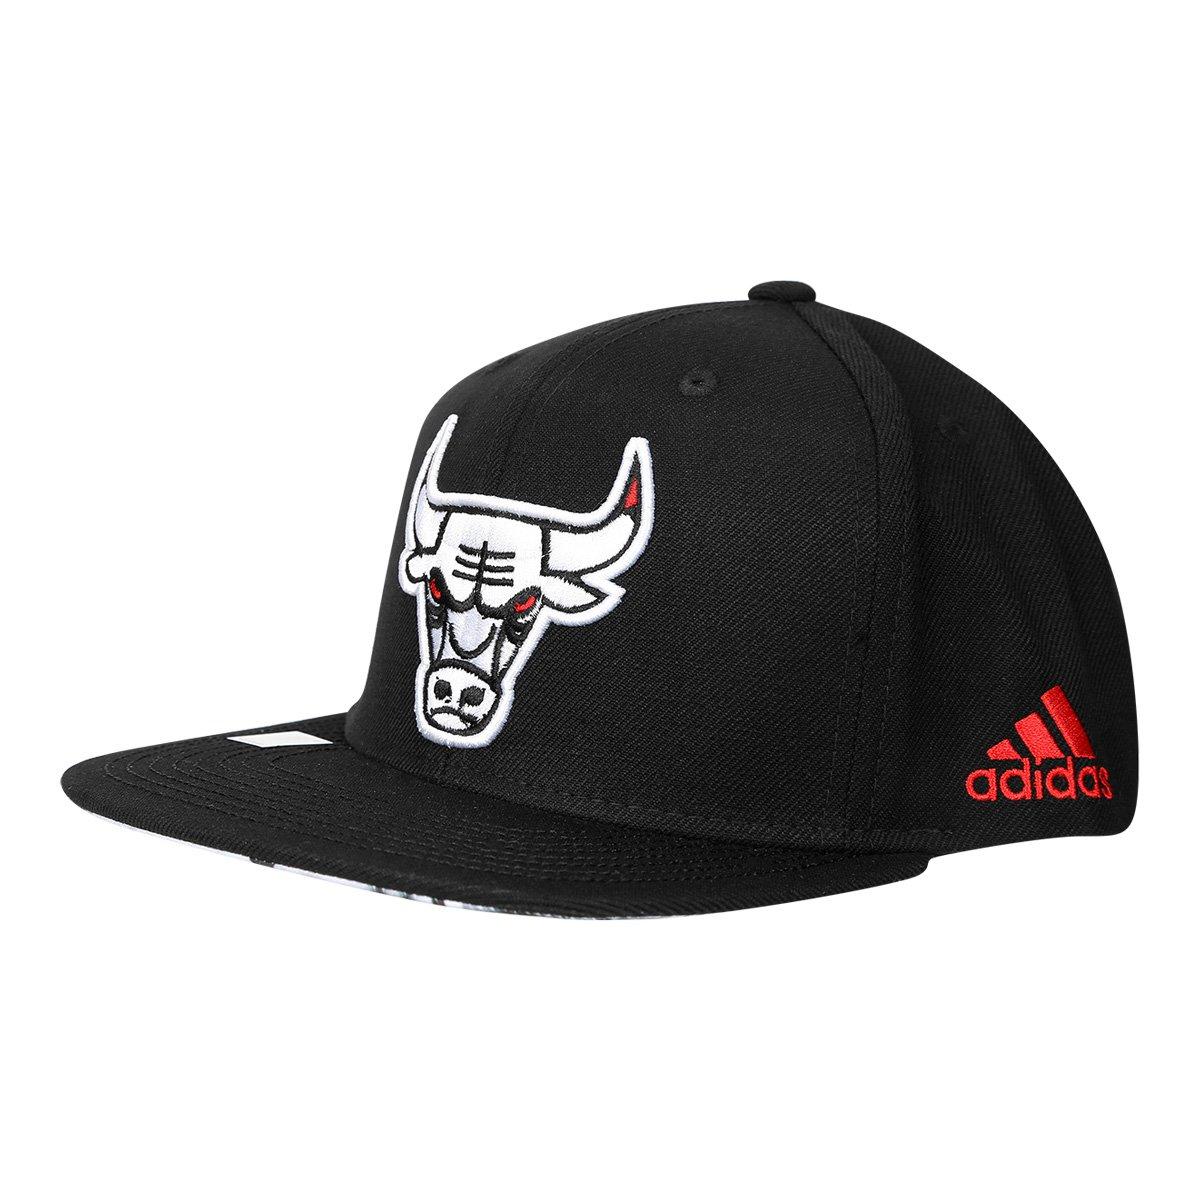 Boné Adidas Flat Chicago Bulls Aba Reta - Preto e Branco - Compre Agora  77b2122ebd6